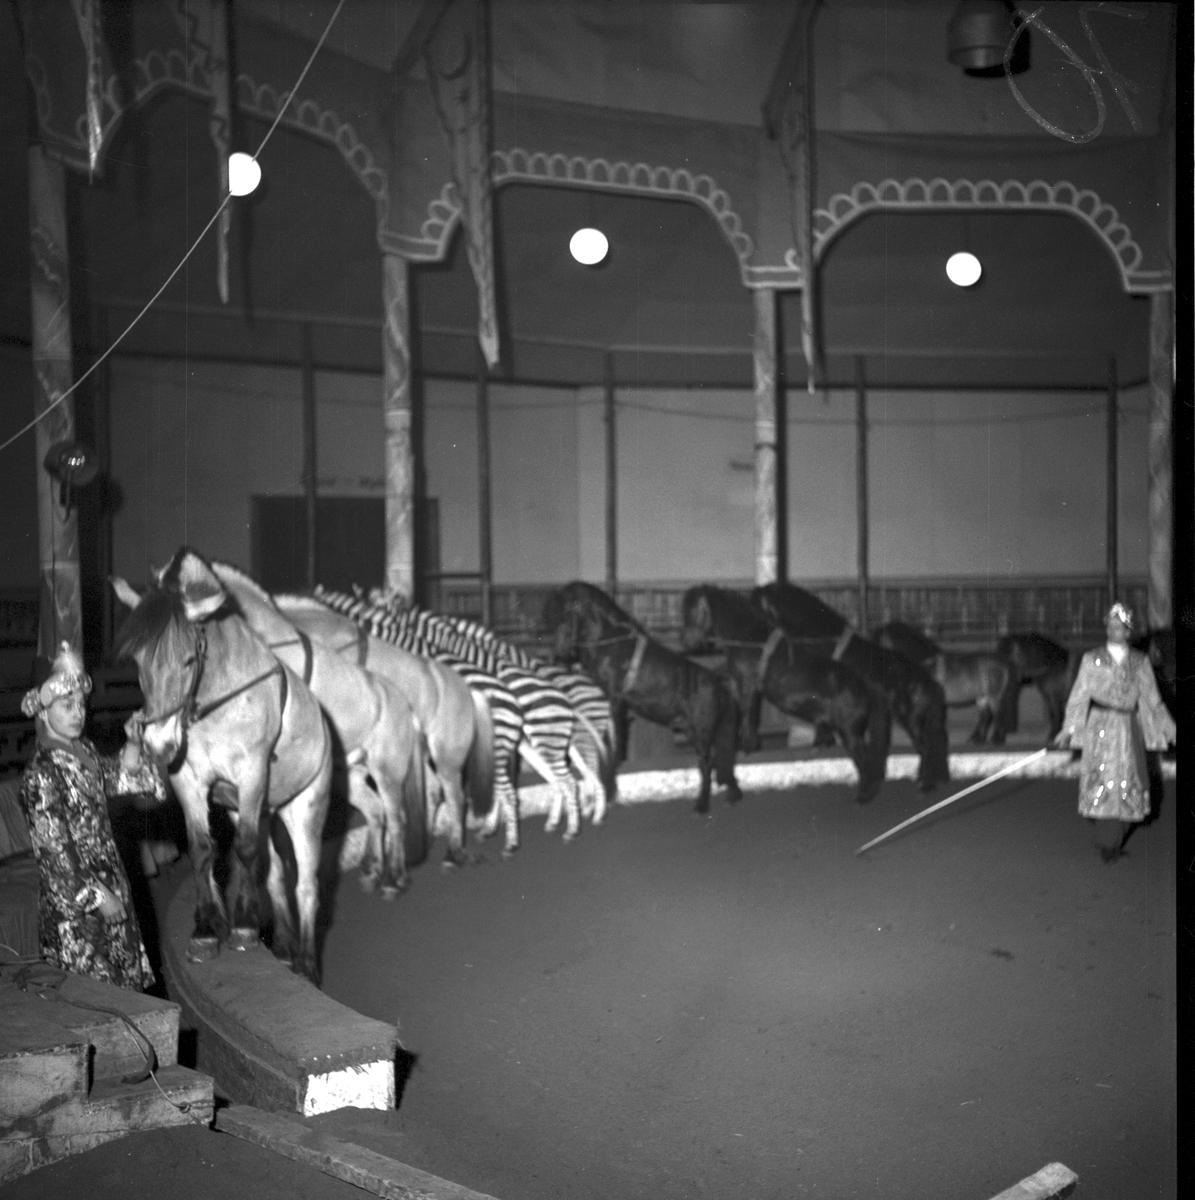 Furuviksparken invigdes 1936 Folkdanslaget Furuviks Ungdomslag och Barnkabarén blev Furuviksbarnen. Ungdomscirkusen med hästar och zebror Cirkusbyggnaden  Teater-Cirkus med cirka 600 platser, uppförd 1940.